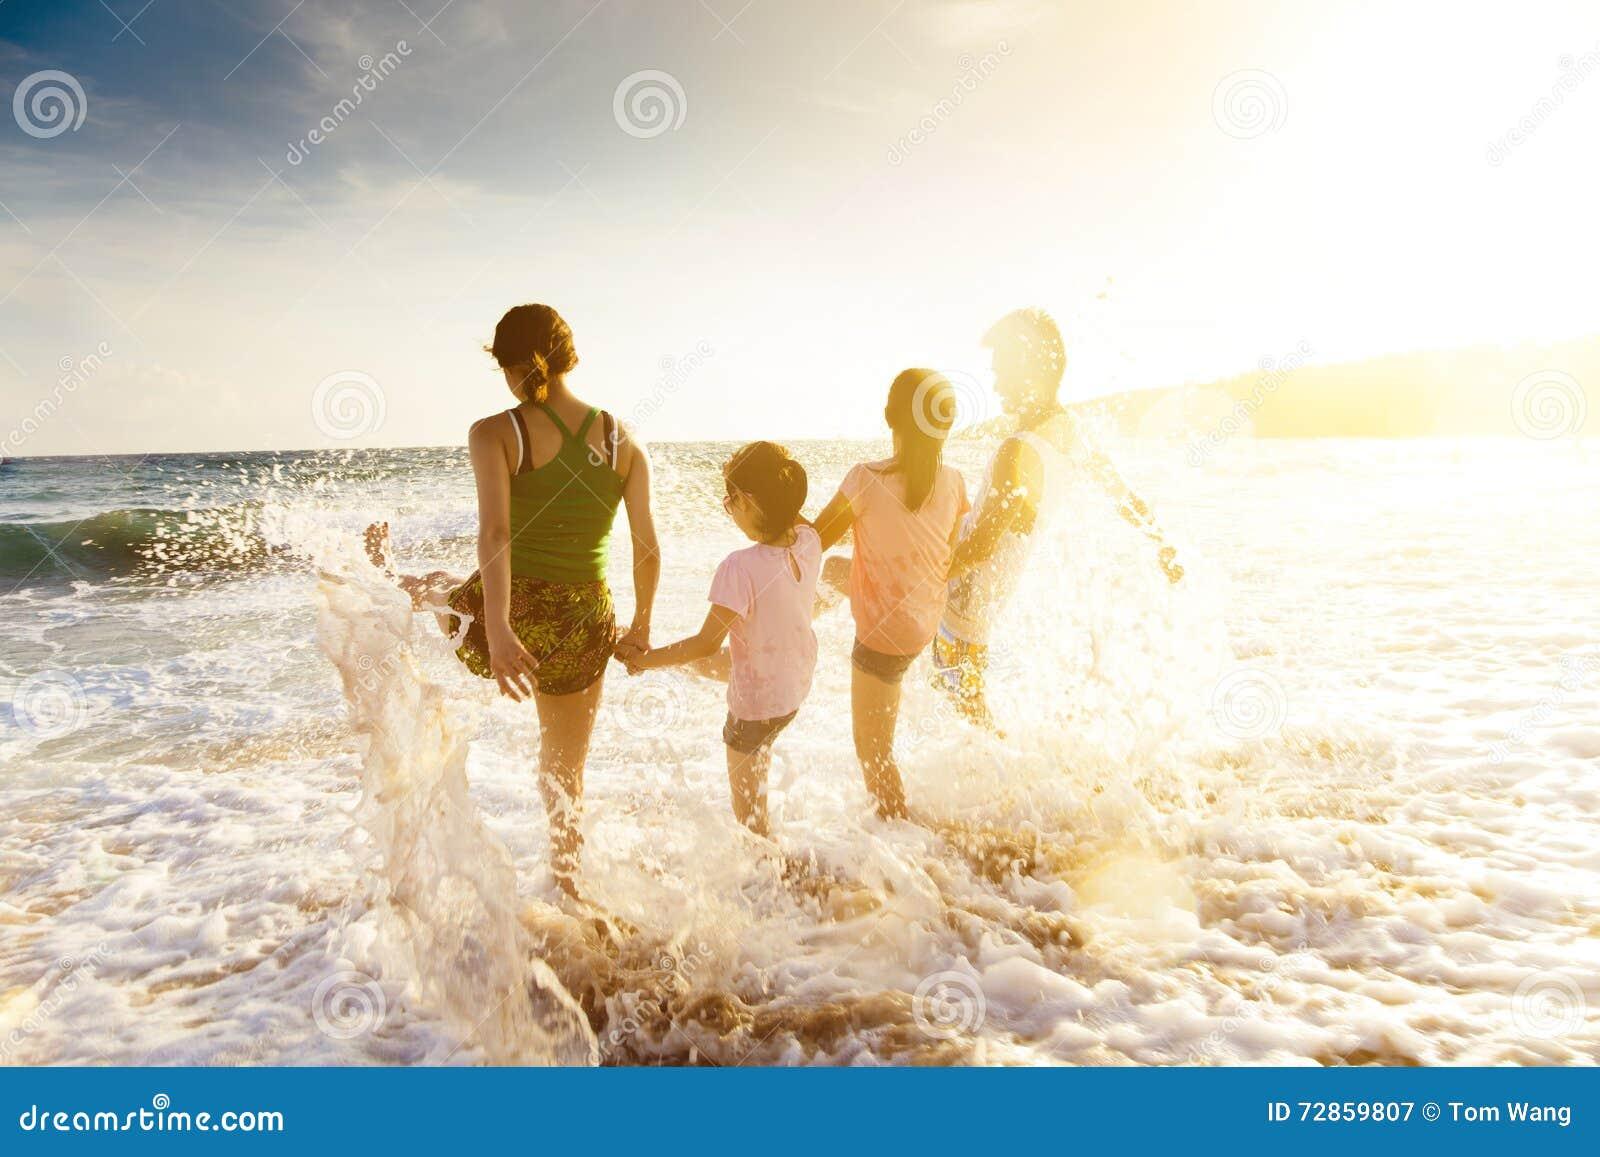 Glückliche Familie, die auf Strand bei Sonnenuntergang spielt